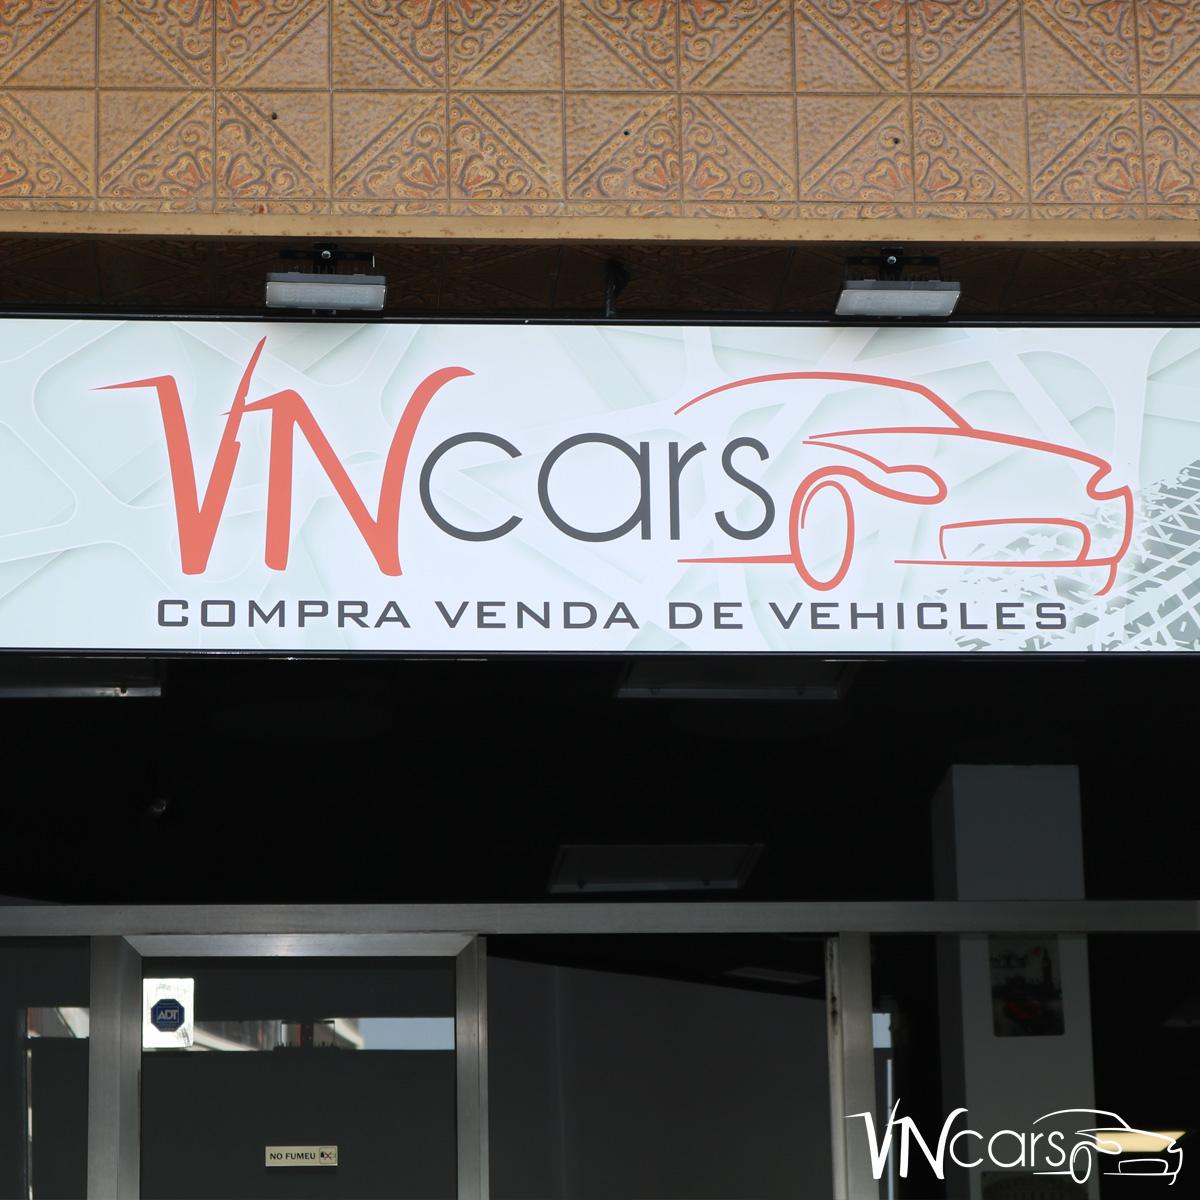 Evita posible timos: realizar una compra venta de un coches usado con seguridad